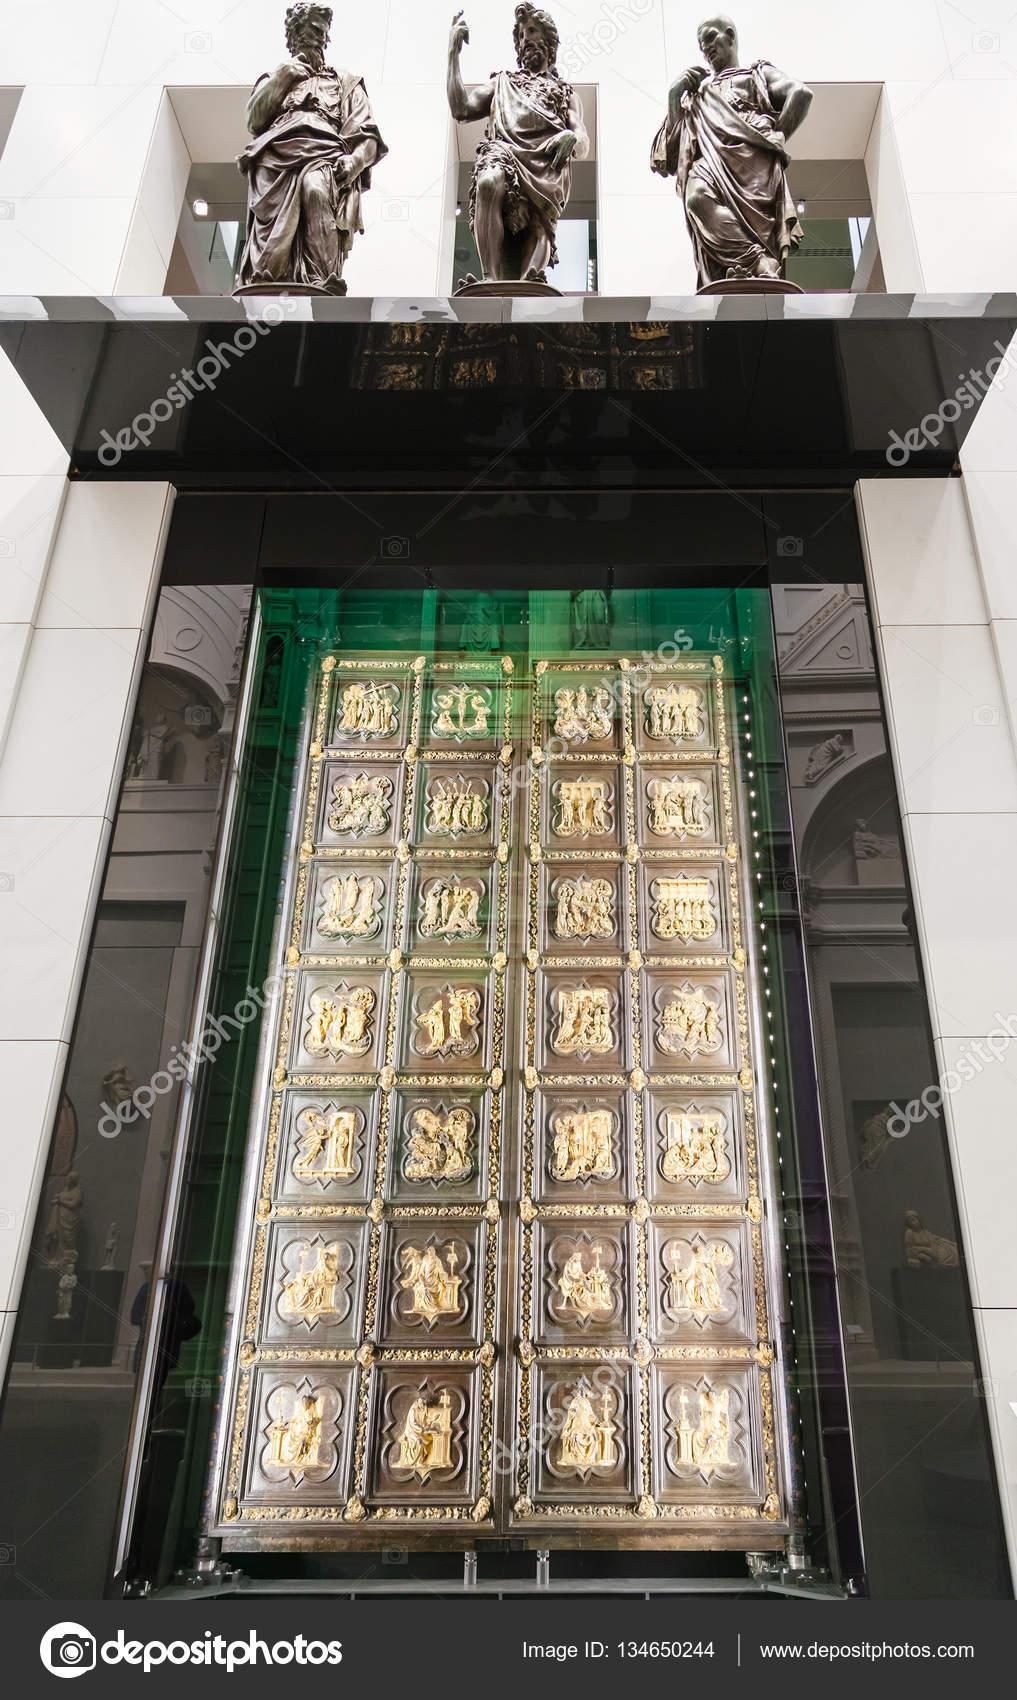 D coration de portes d origine de la cath drale de for Decoration porte novembre